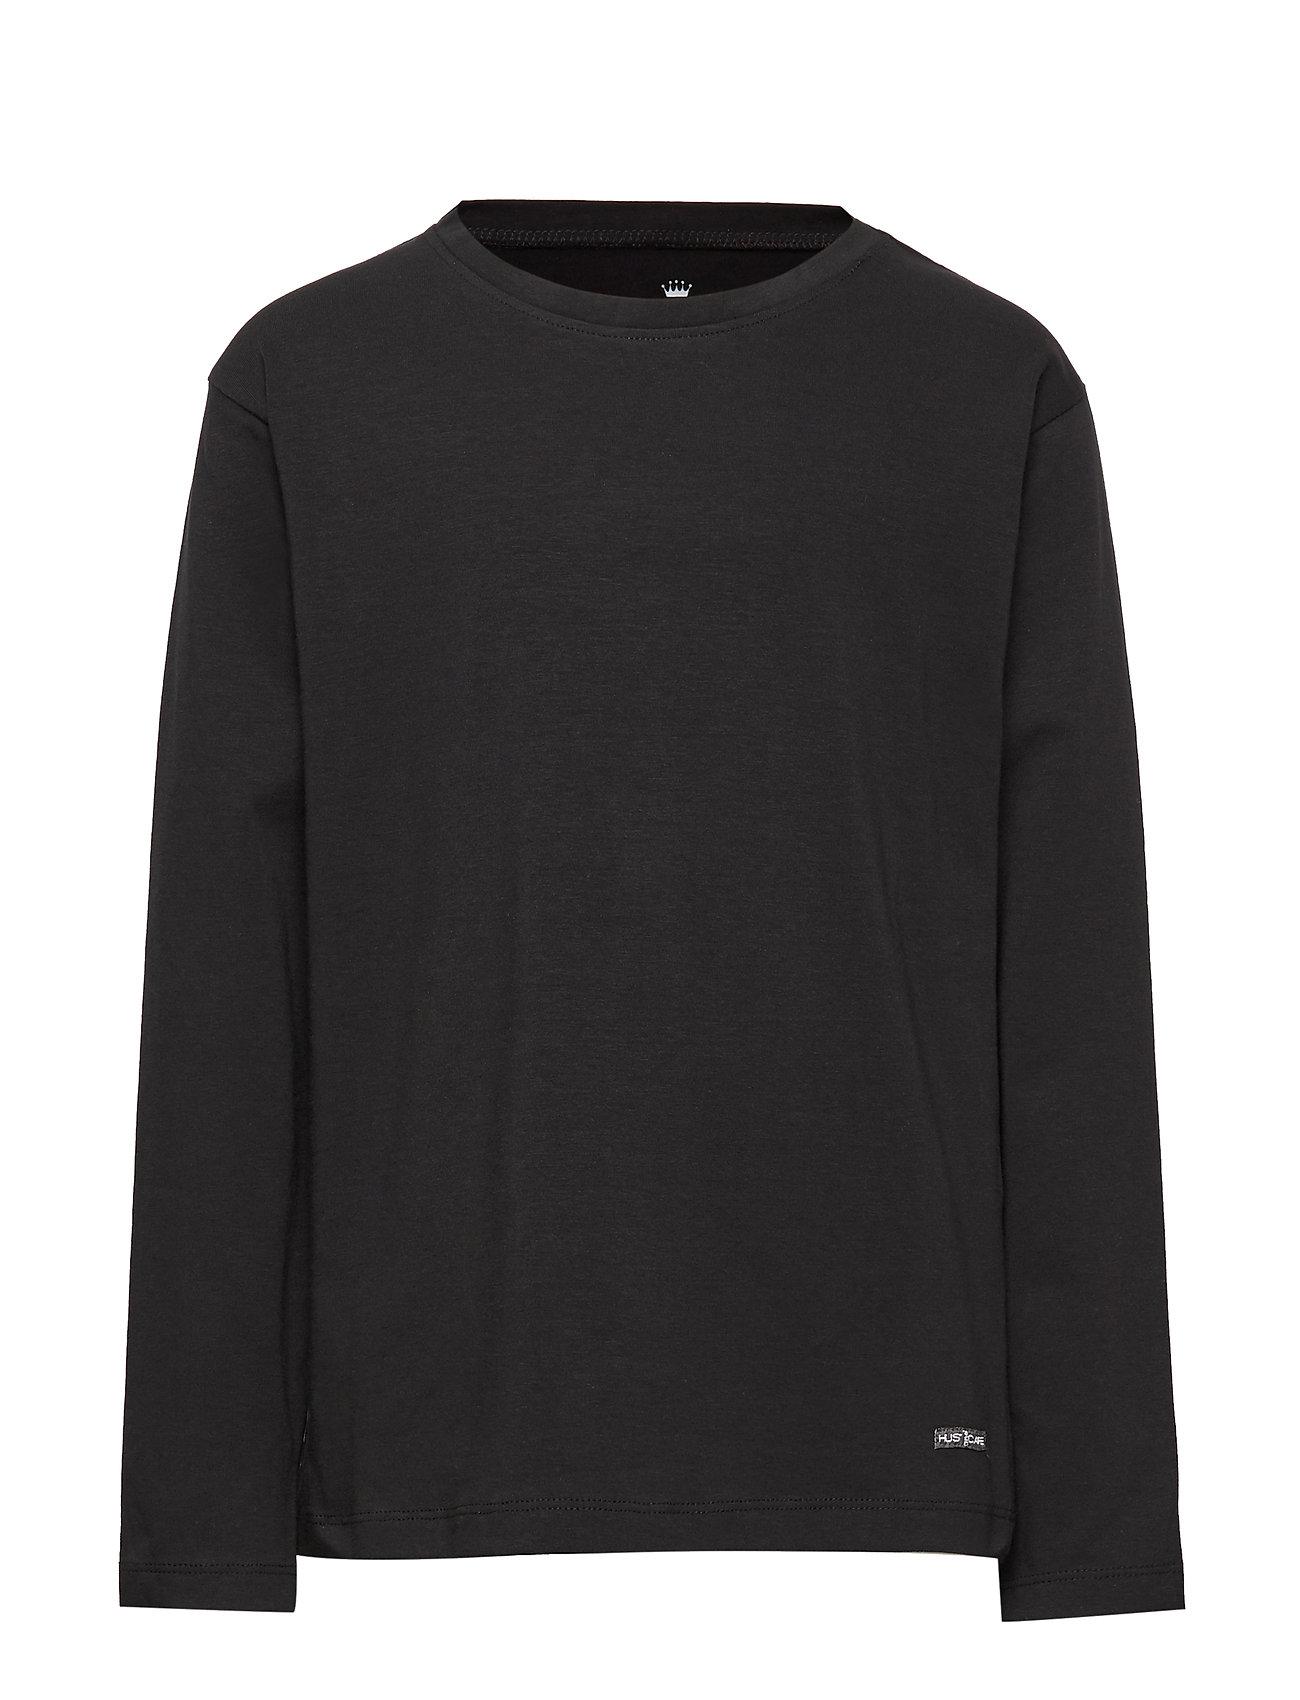 Hust & Claire T-shirt L/S - BLACK